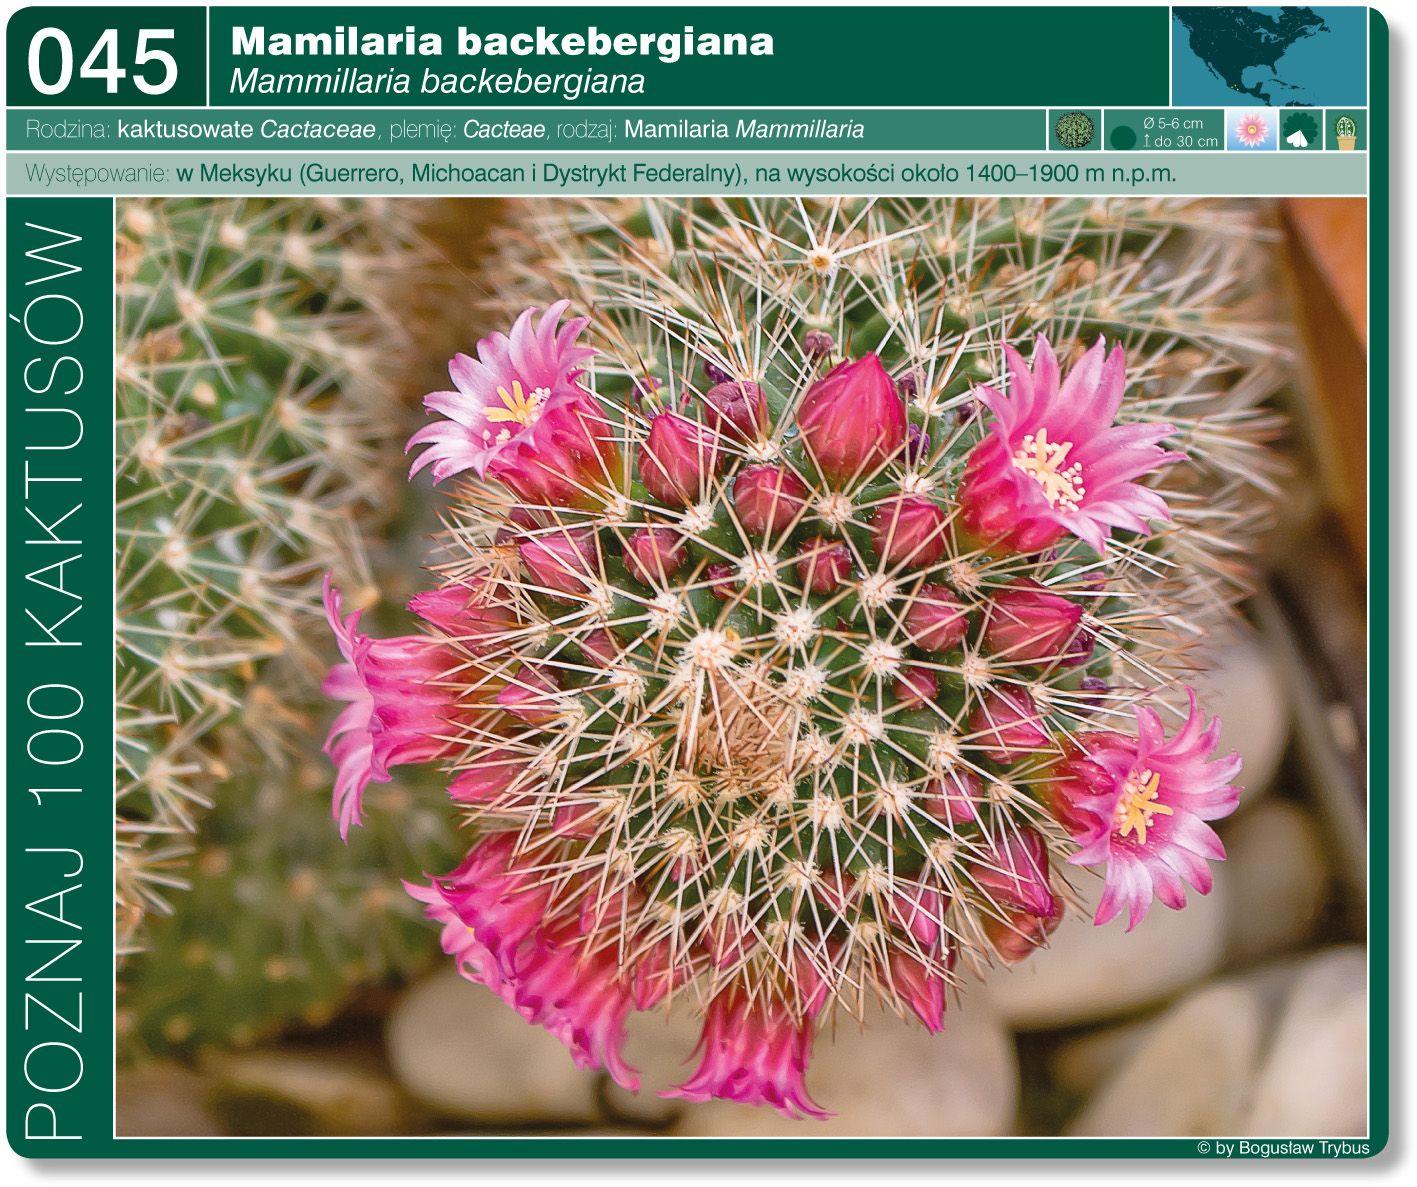 Mammillaria Backebergiana Plantas Suculentas Plantas Suculentas